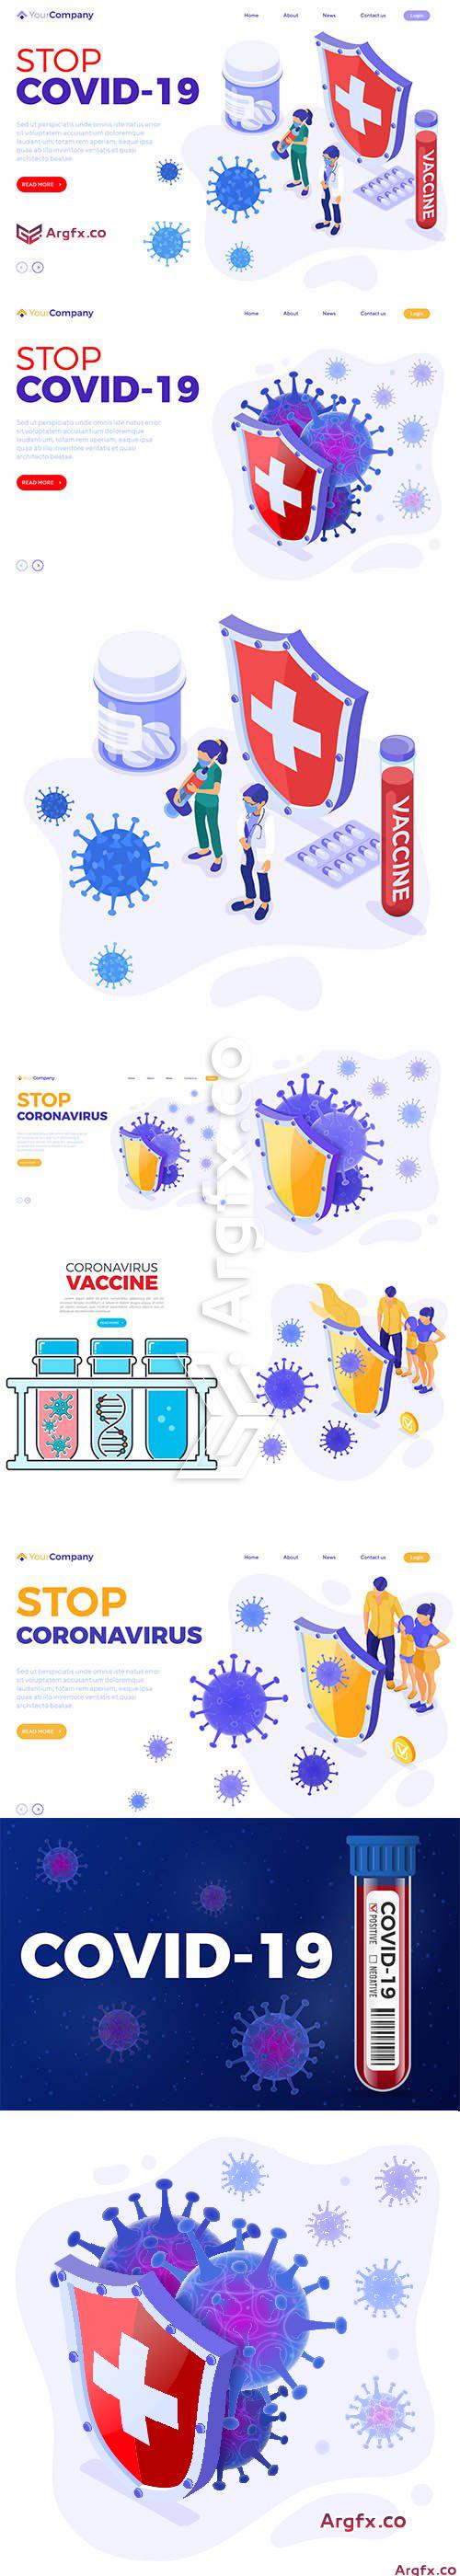 Stop Coronavirus Illustration Set